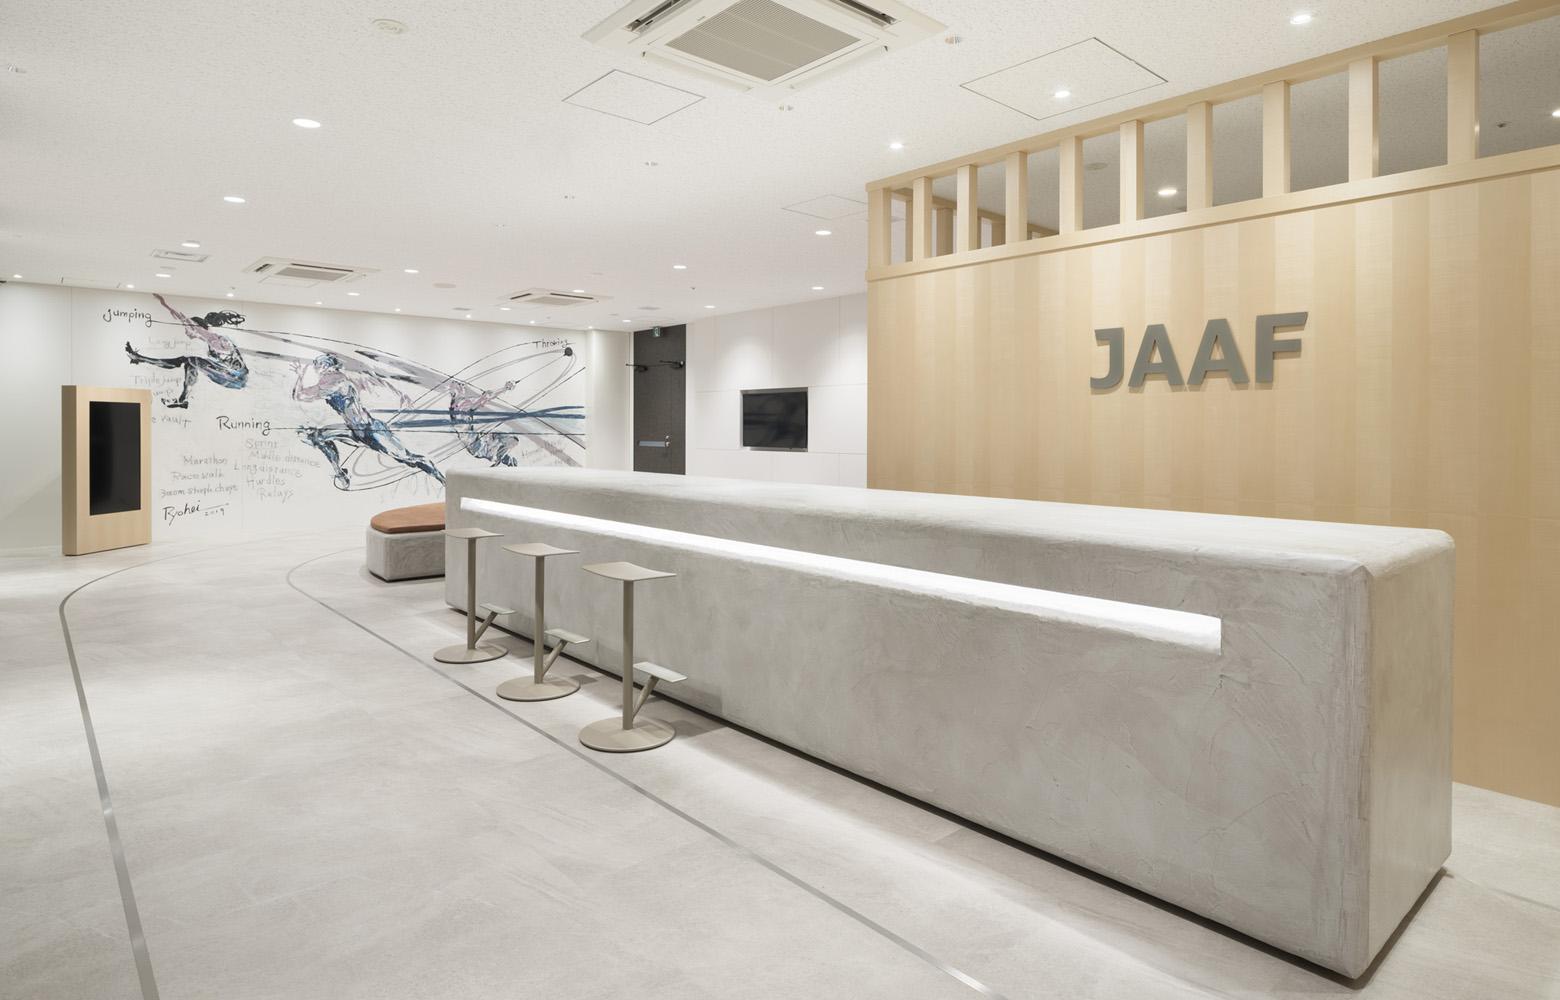 公益財団法人日本陸上競技連盟 Entrance_Counter デザイン・レイアウト事例